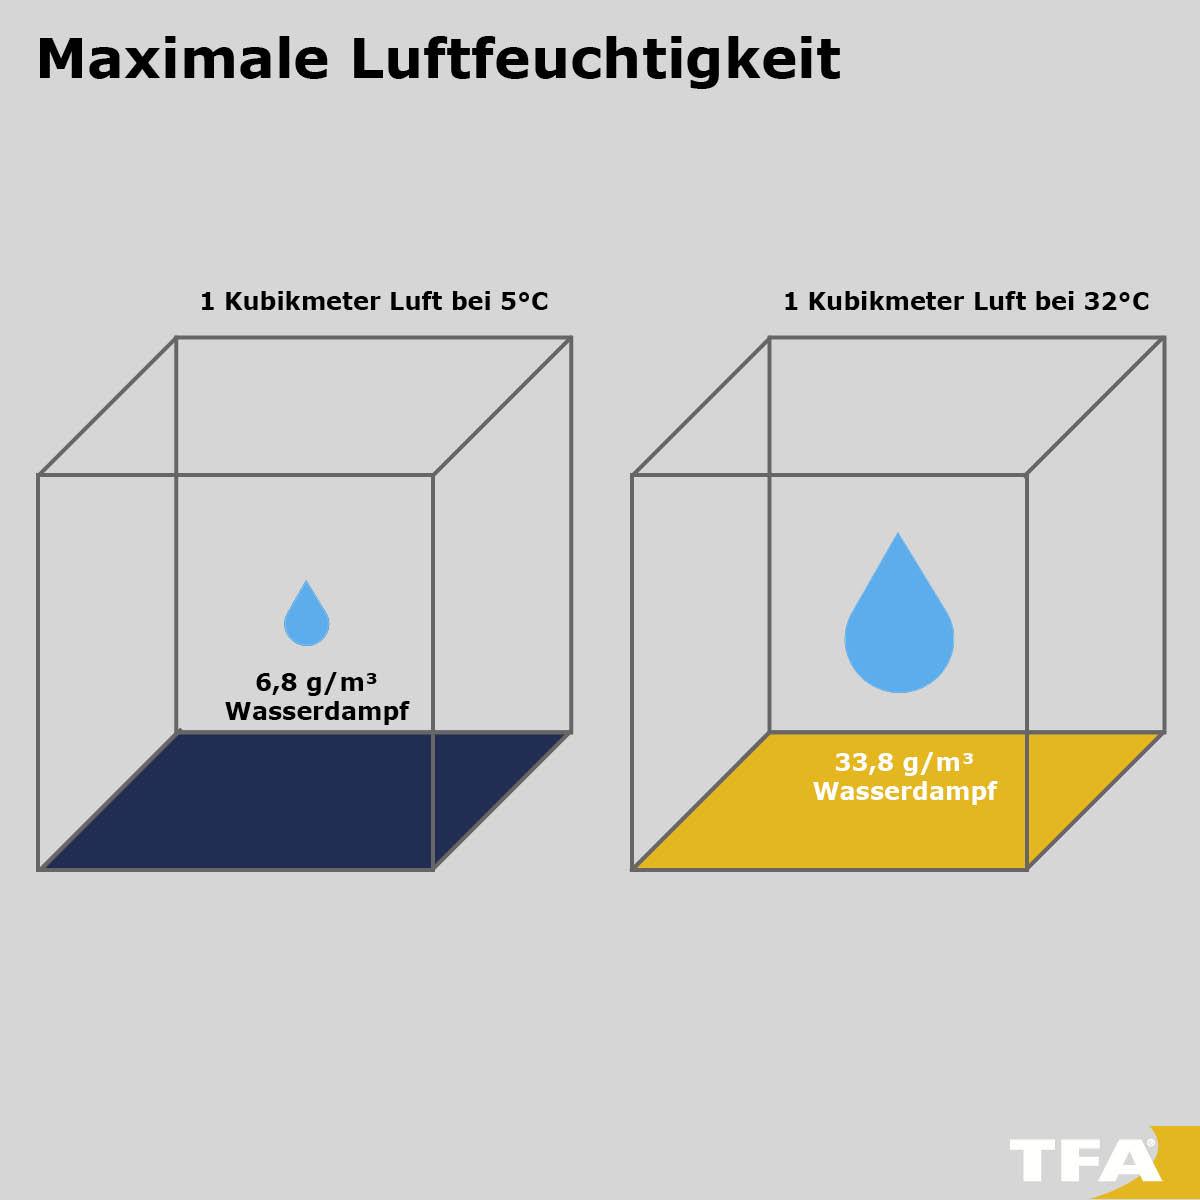 Maximale Luftfeuchtigkeit in der Luft je nach Temperatur.